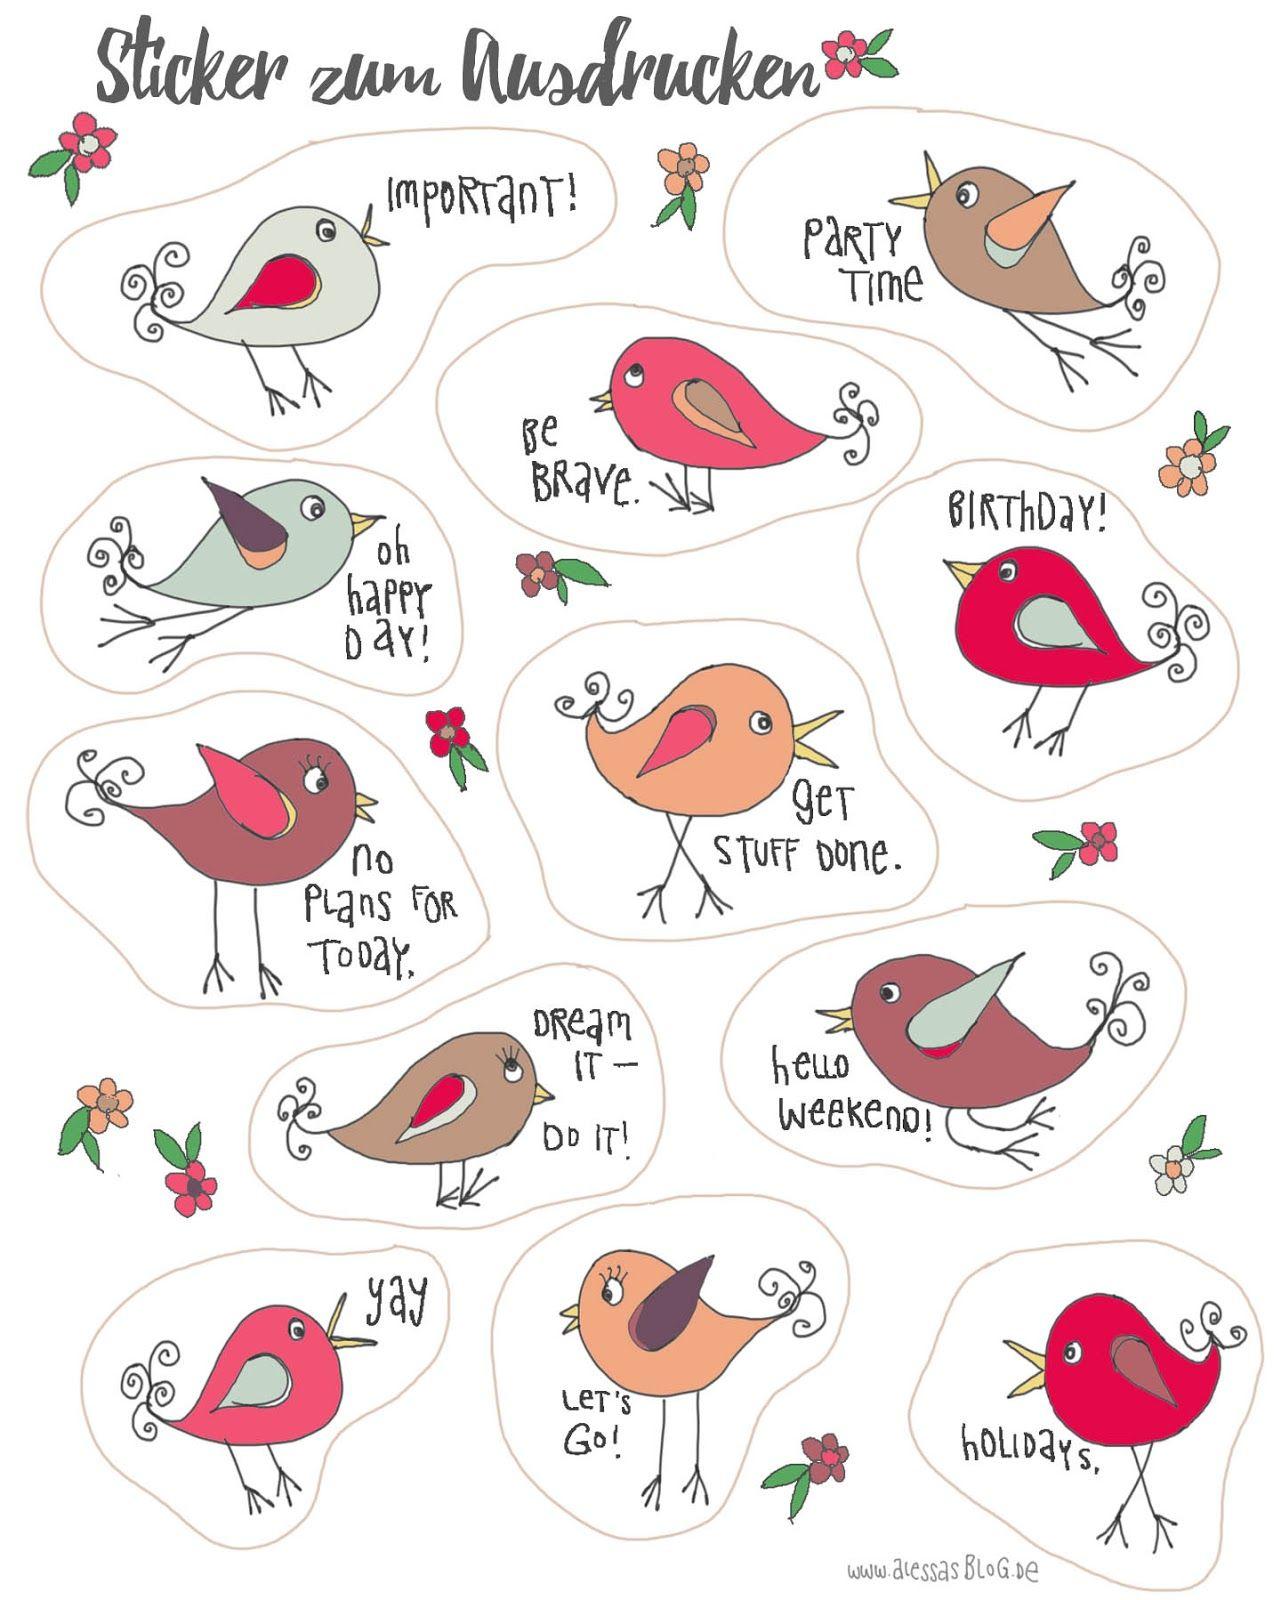 Alessas Blog Sticker Zum Ausdrucken Für Filofax Kalender